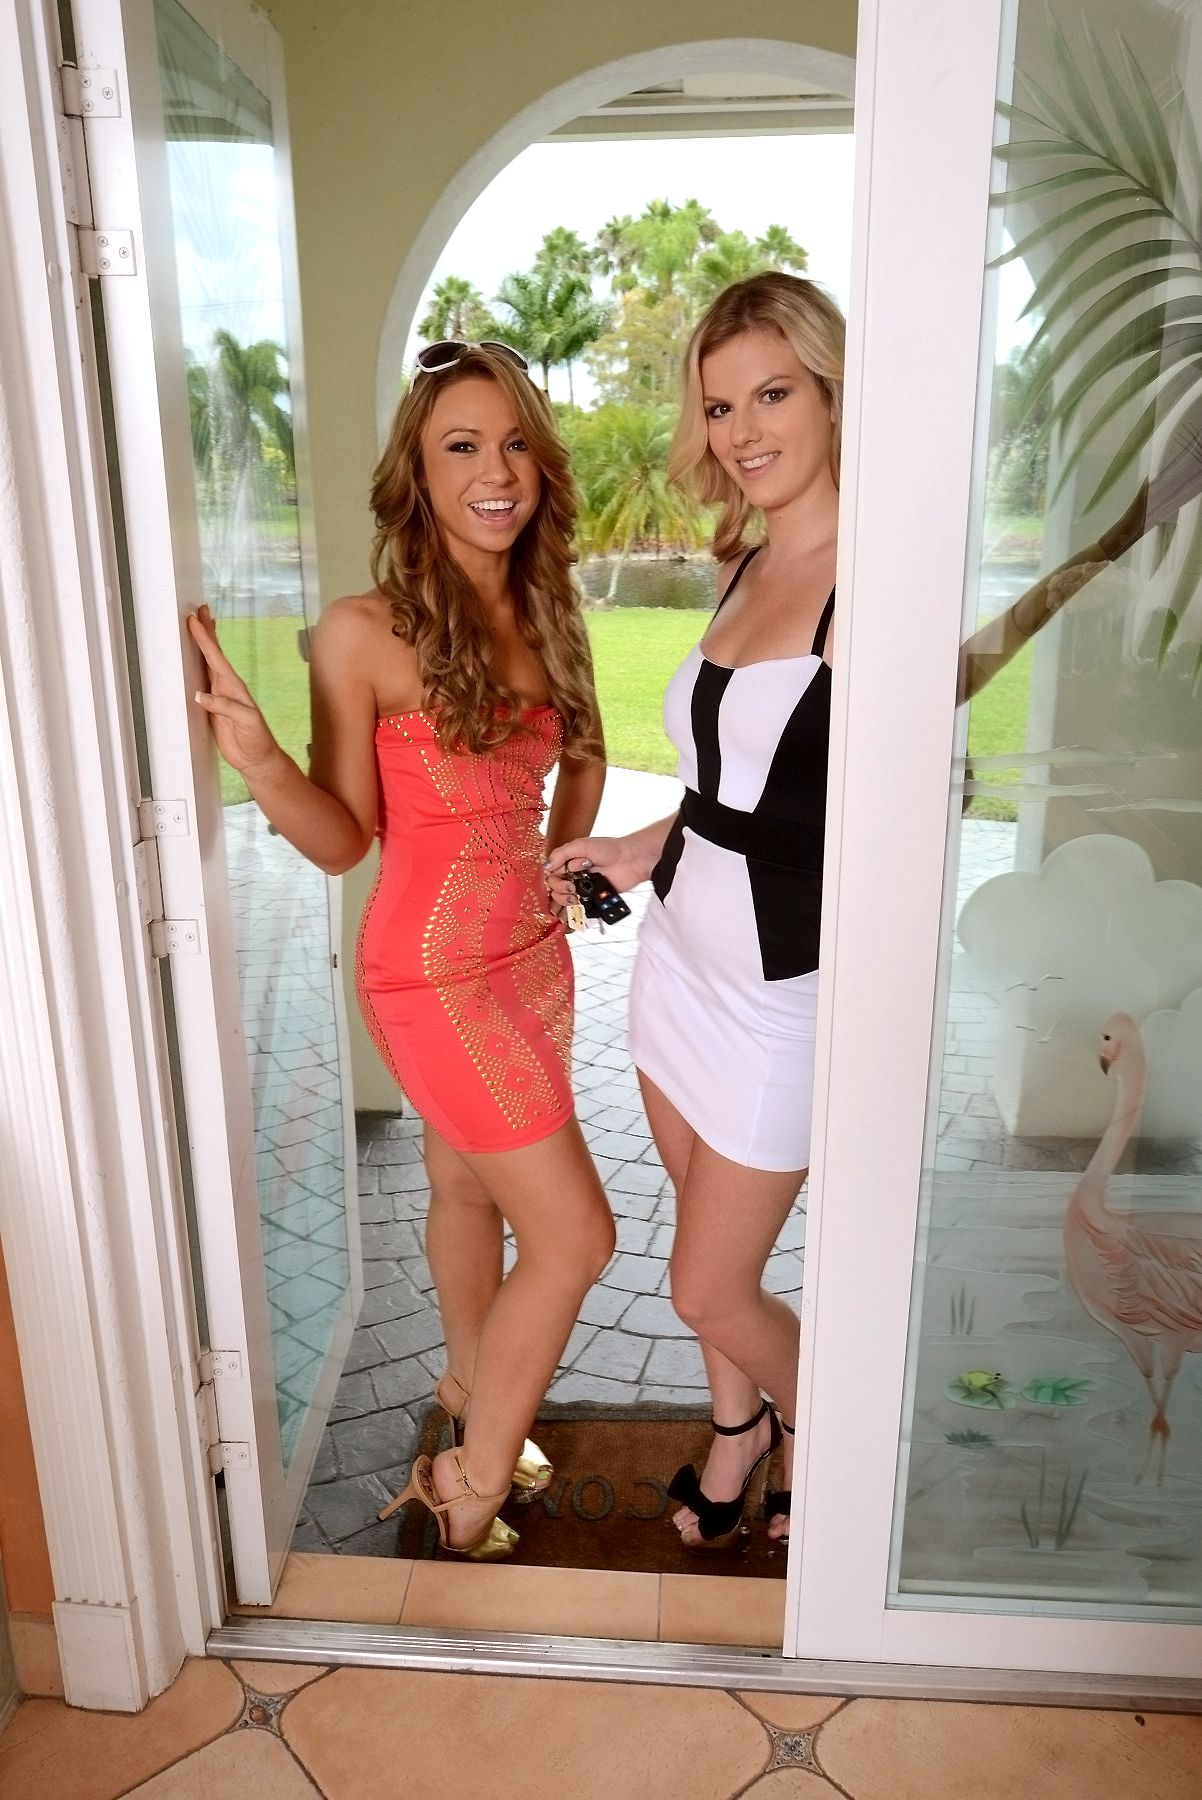 Katerina Kay And Sami St Clair